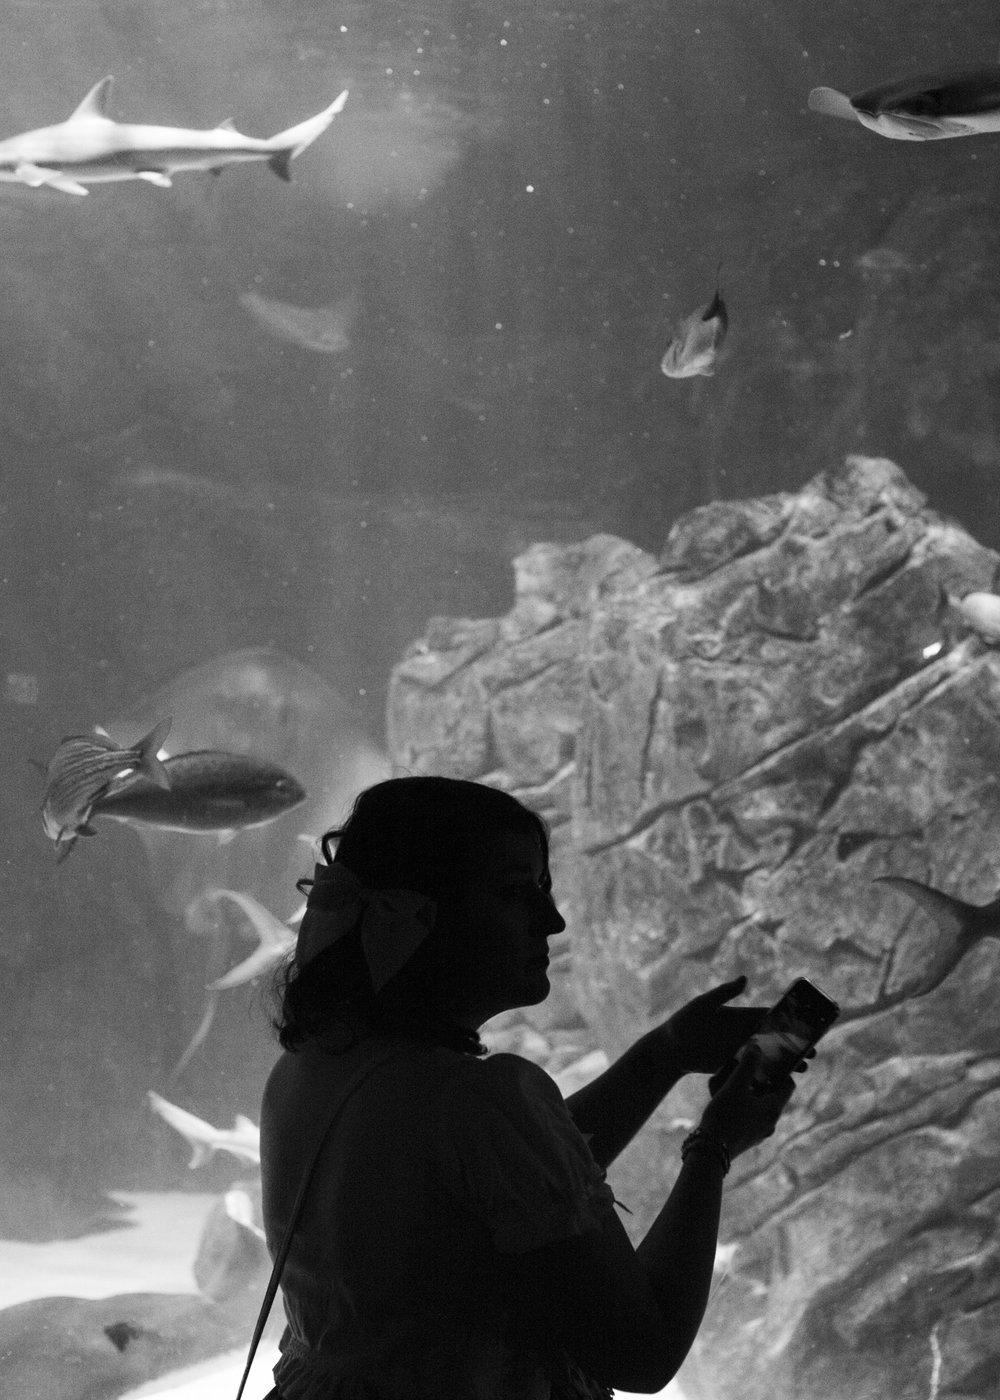 aquarium_lolitas-37.jpg